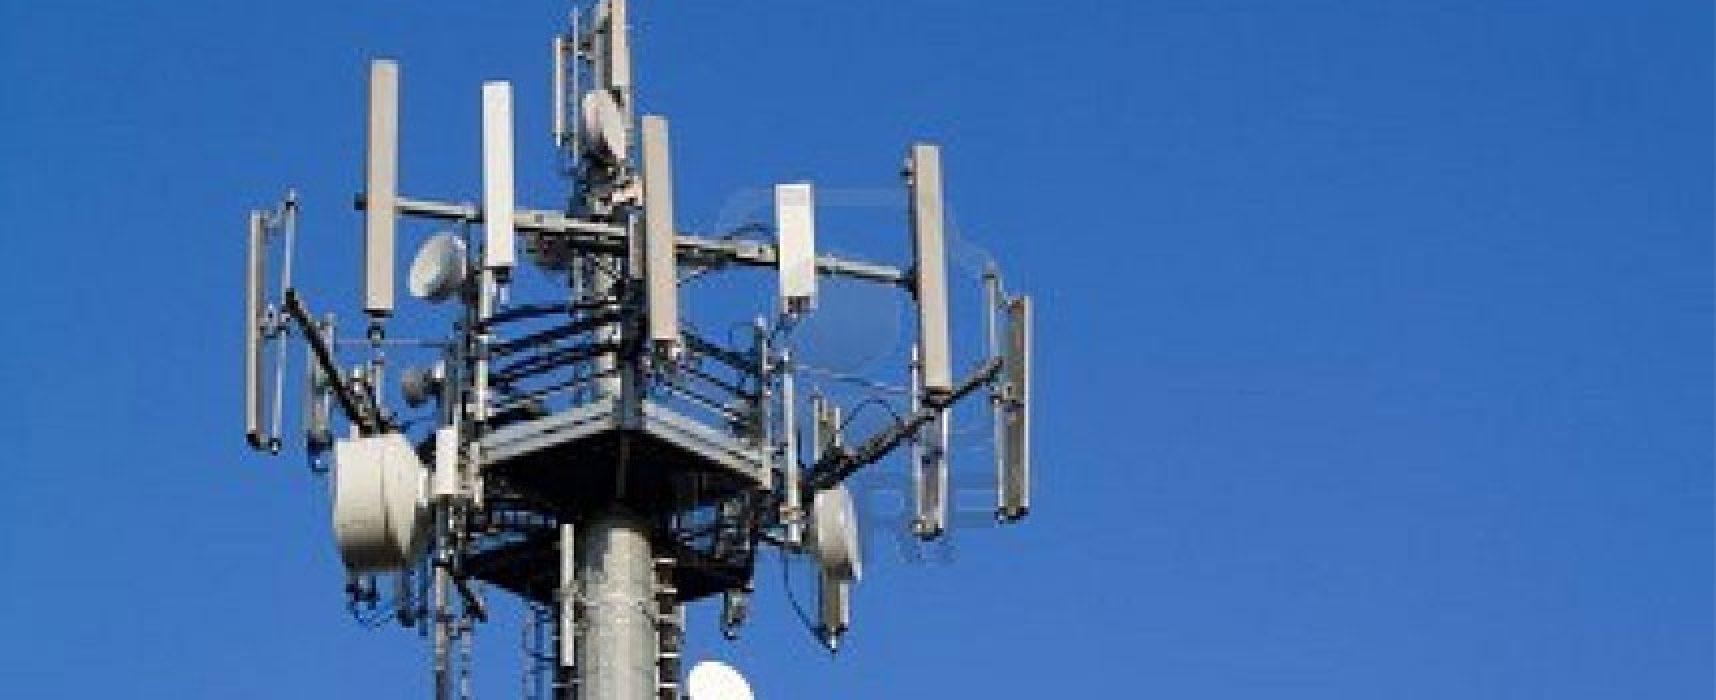 DifendiAmo Bisceglie lancia petizione contro eventuali nuove installazioni antenne telefonia